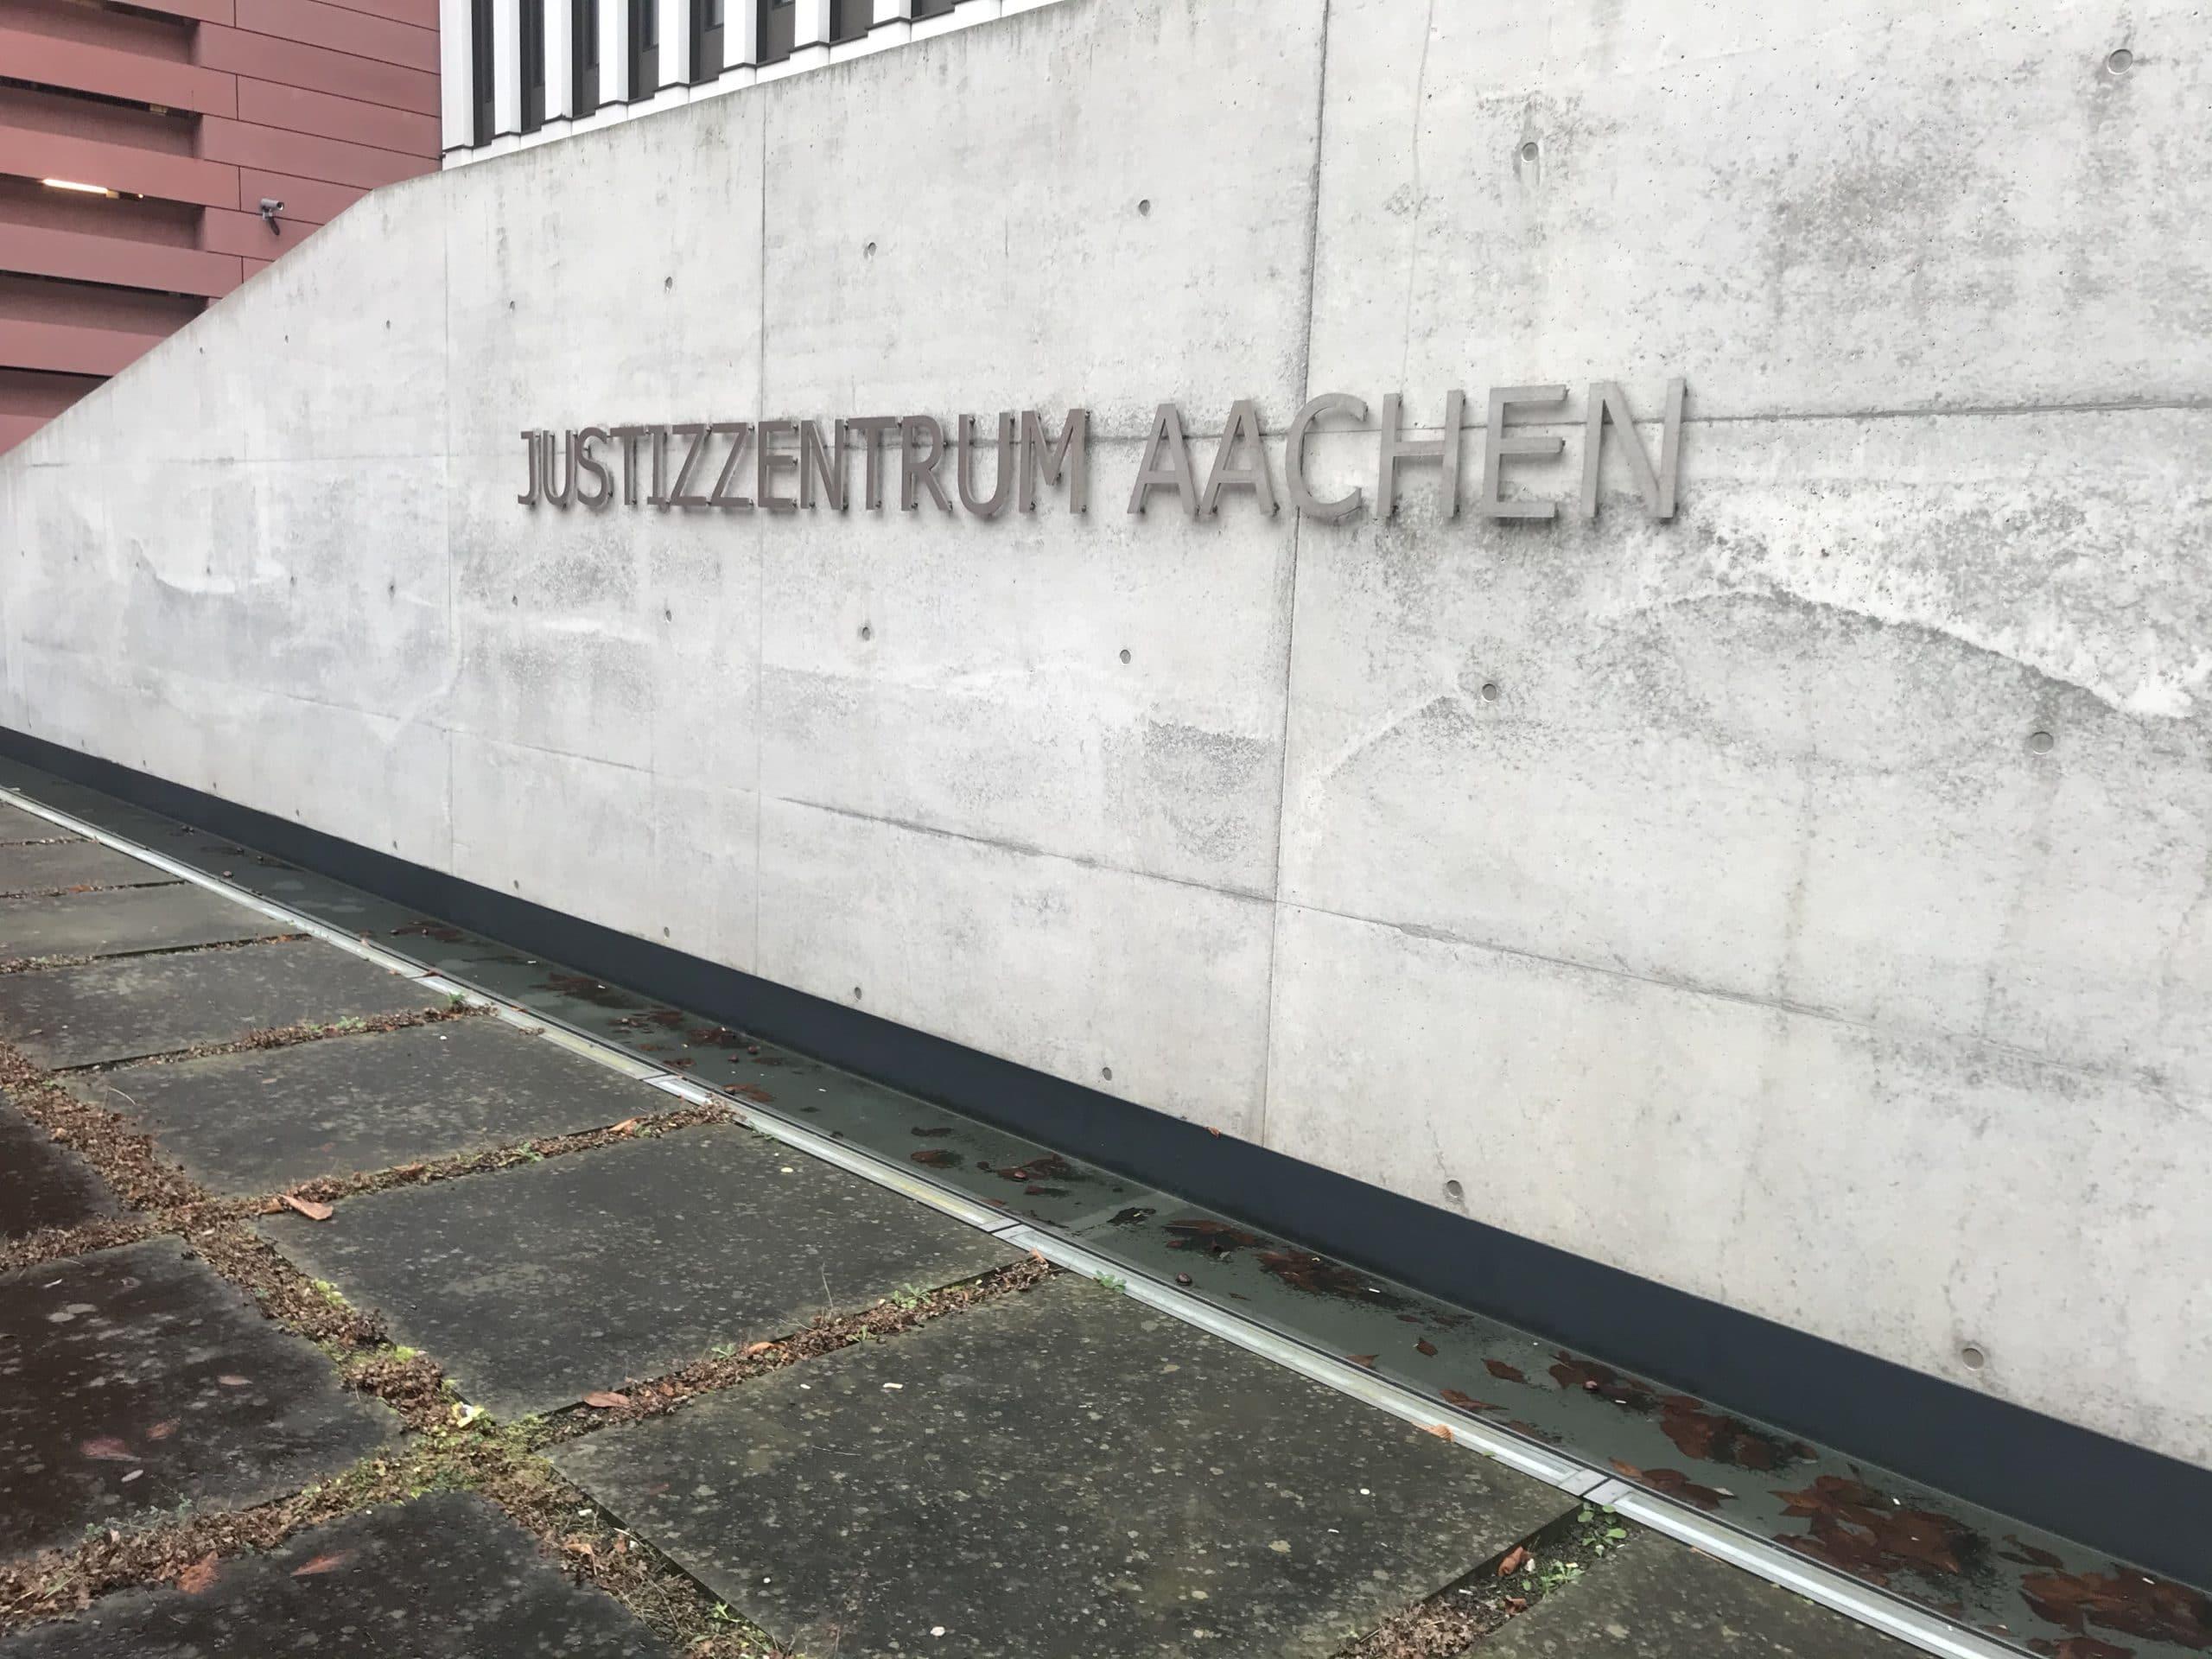 Ordnungswidrigkeitenrecht & Zoll - Rechtsanwalt Ferner Aachen: Strafrecht, Verkehrsrecht, IT-Recht